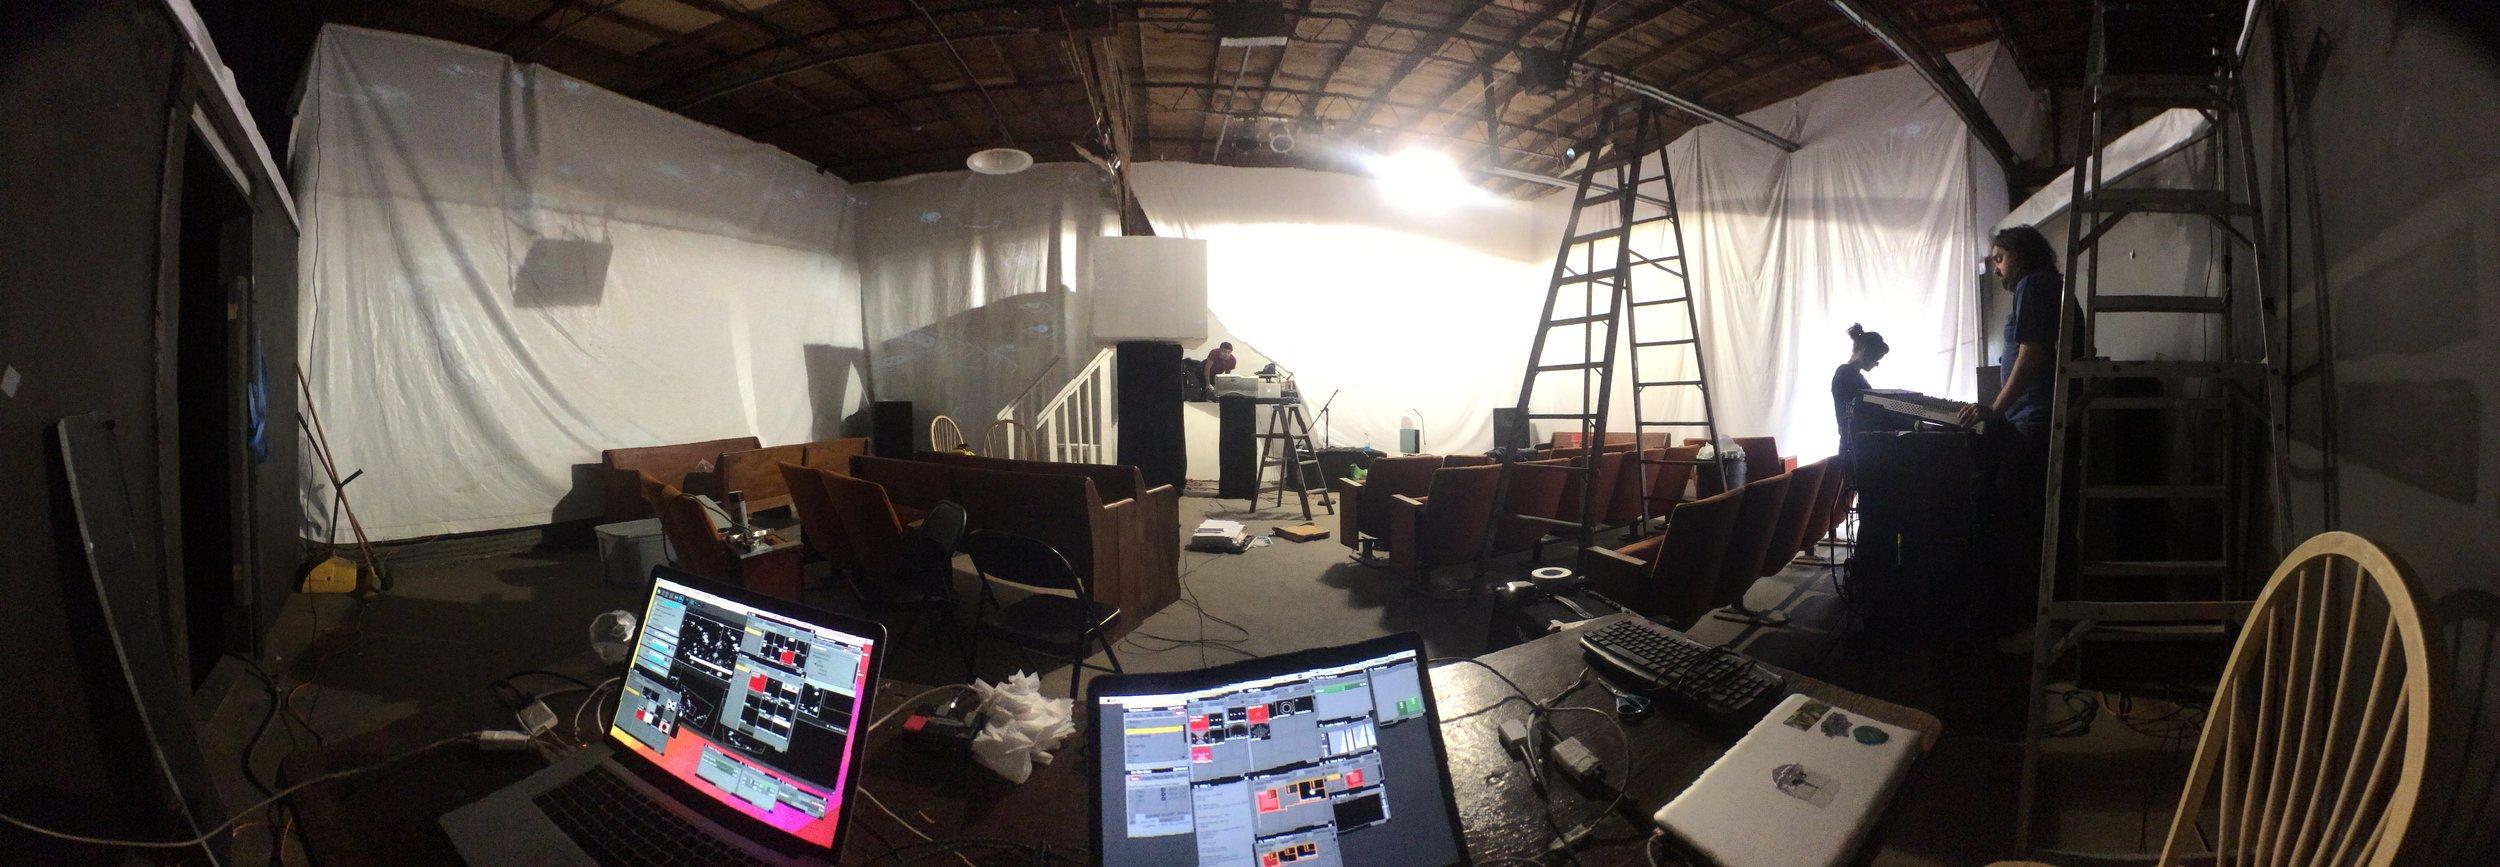 building-the-set_16508878754_o.jpg